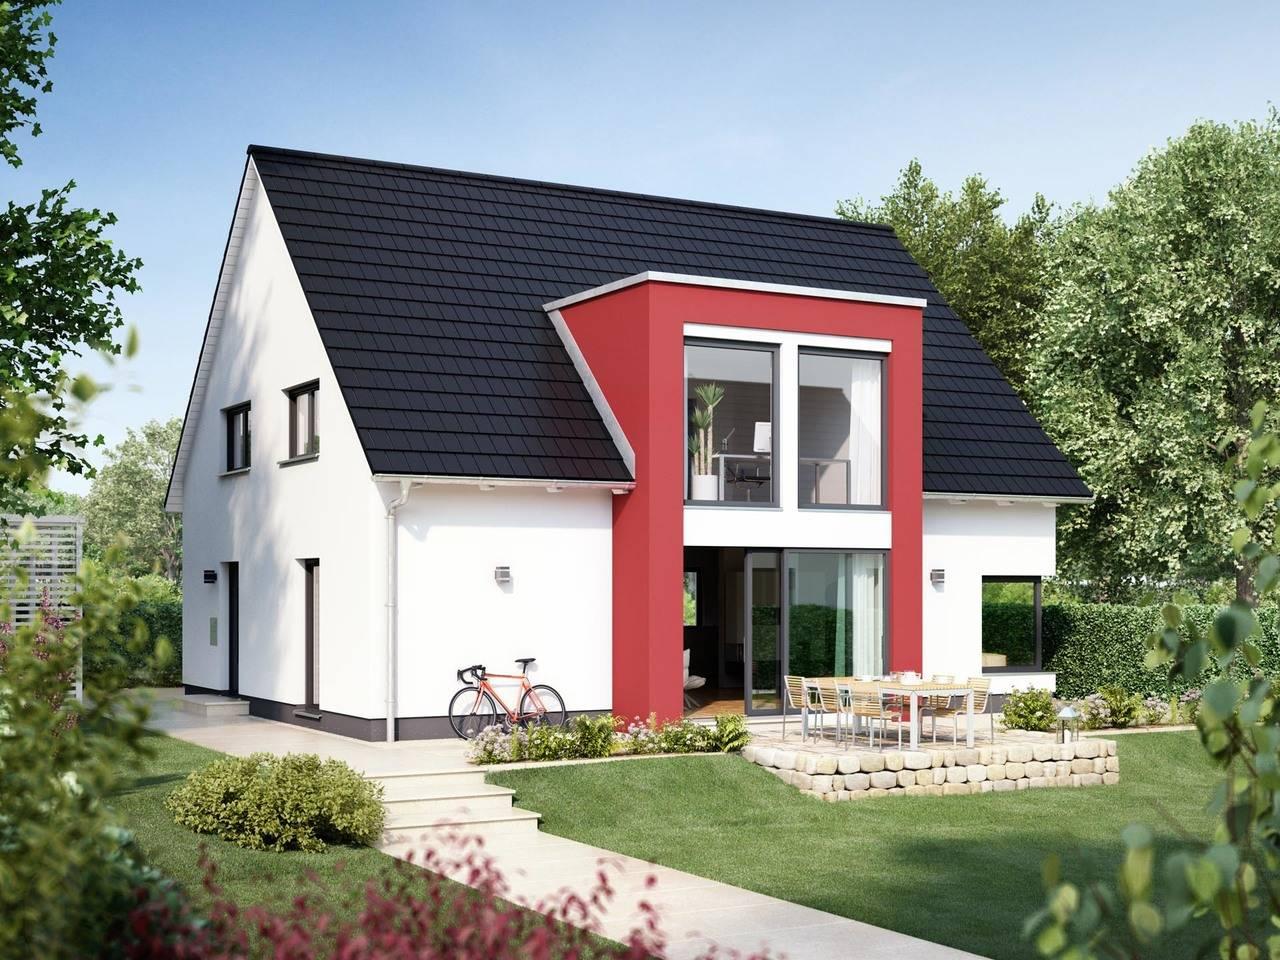 Einfamilienhaus KLASSIK 2000.2 von Deutsche Bauwelten